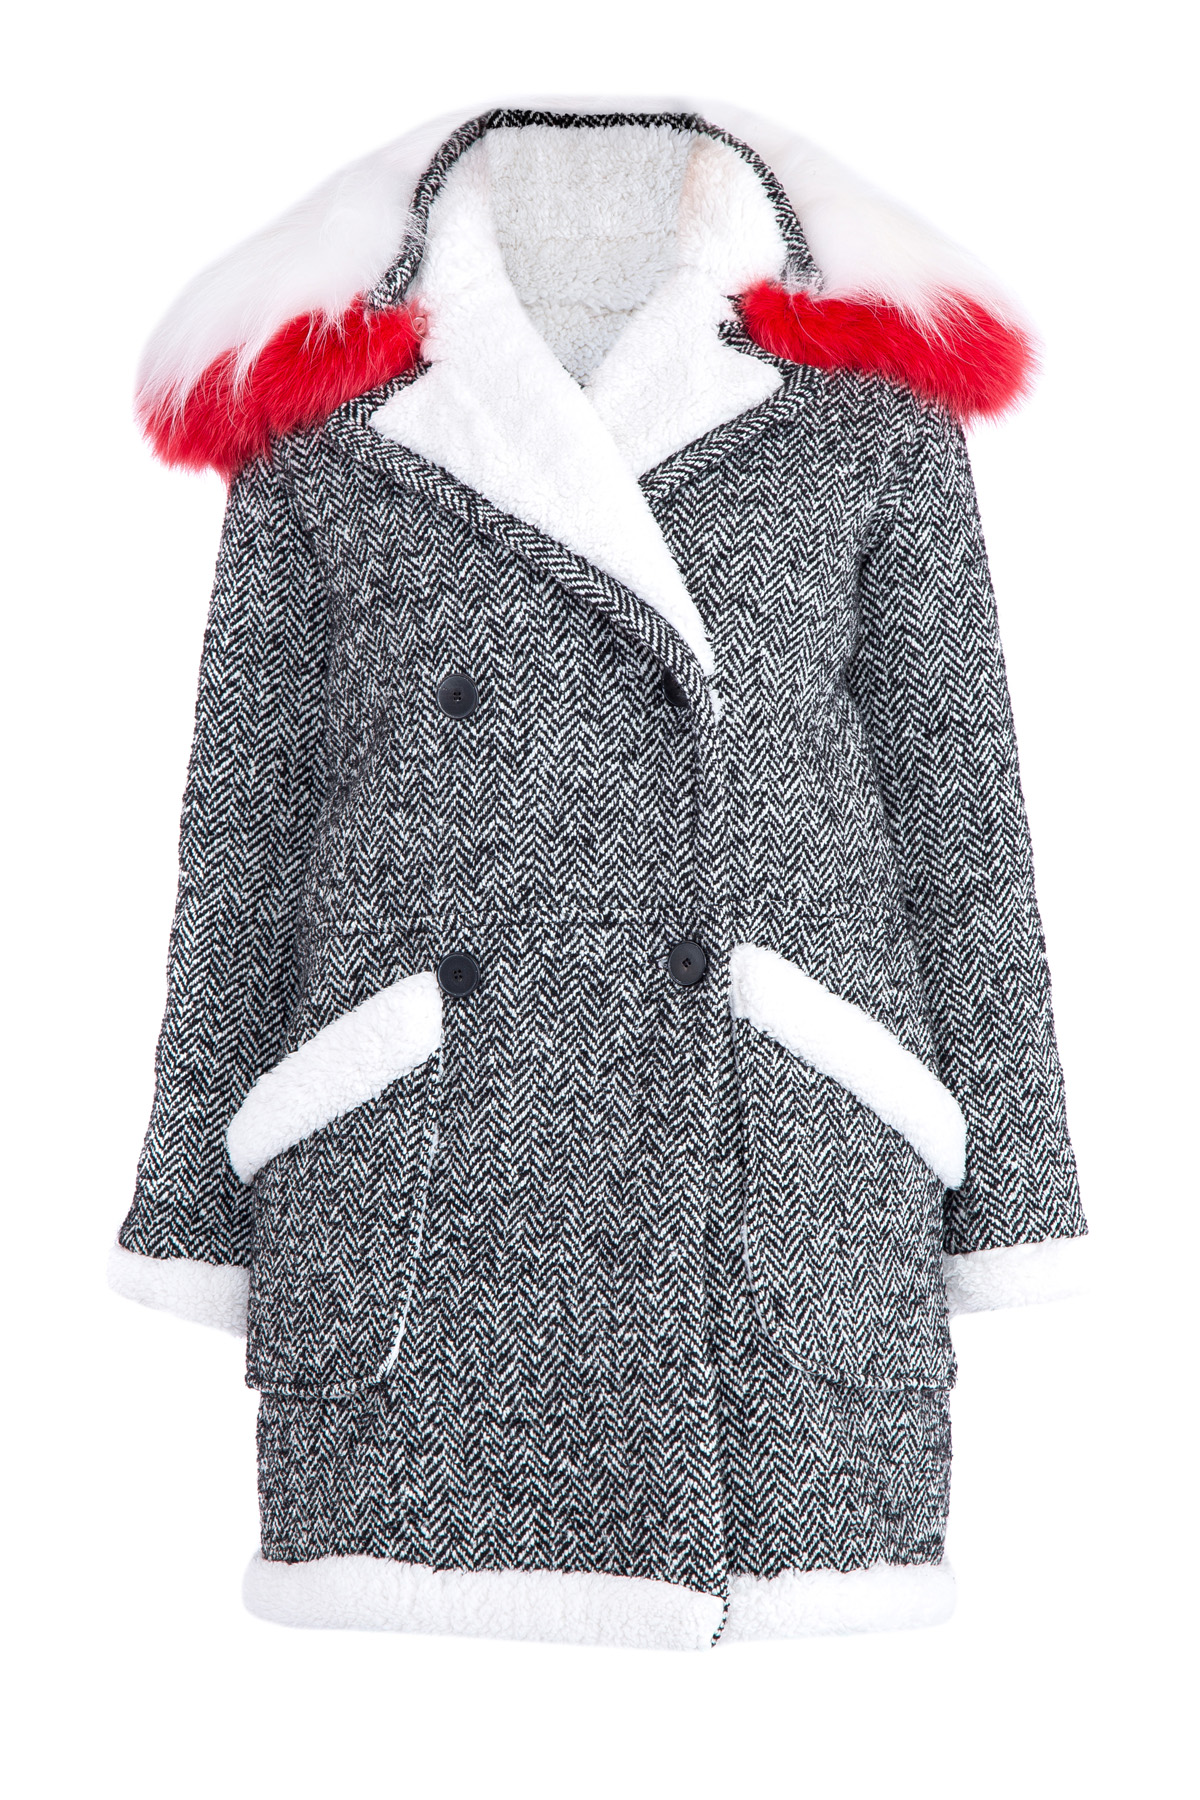 Купить Пальто, ERMANNO ERMANNO SCERVINO, Италия, шерсть 37%, акрил 36%, полиэстер 23%, другие волокна 4%, мех лисы 100%